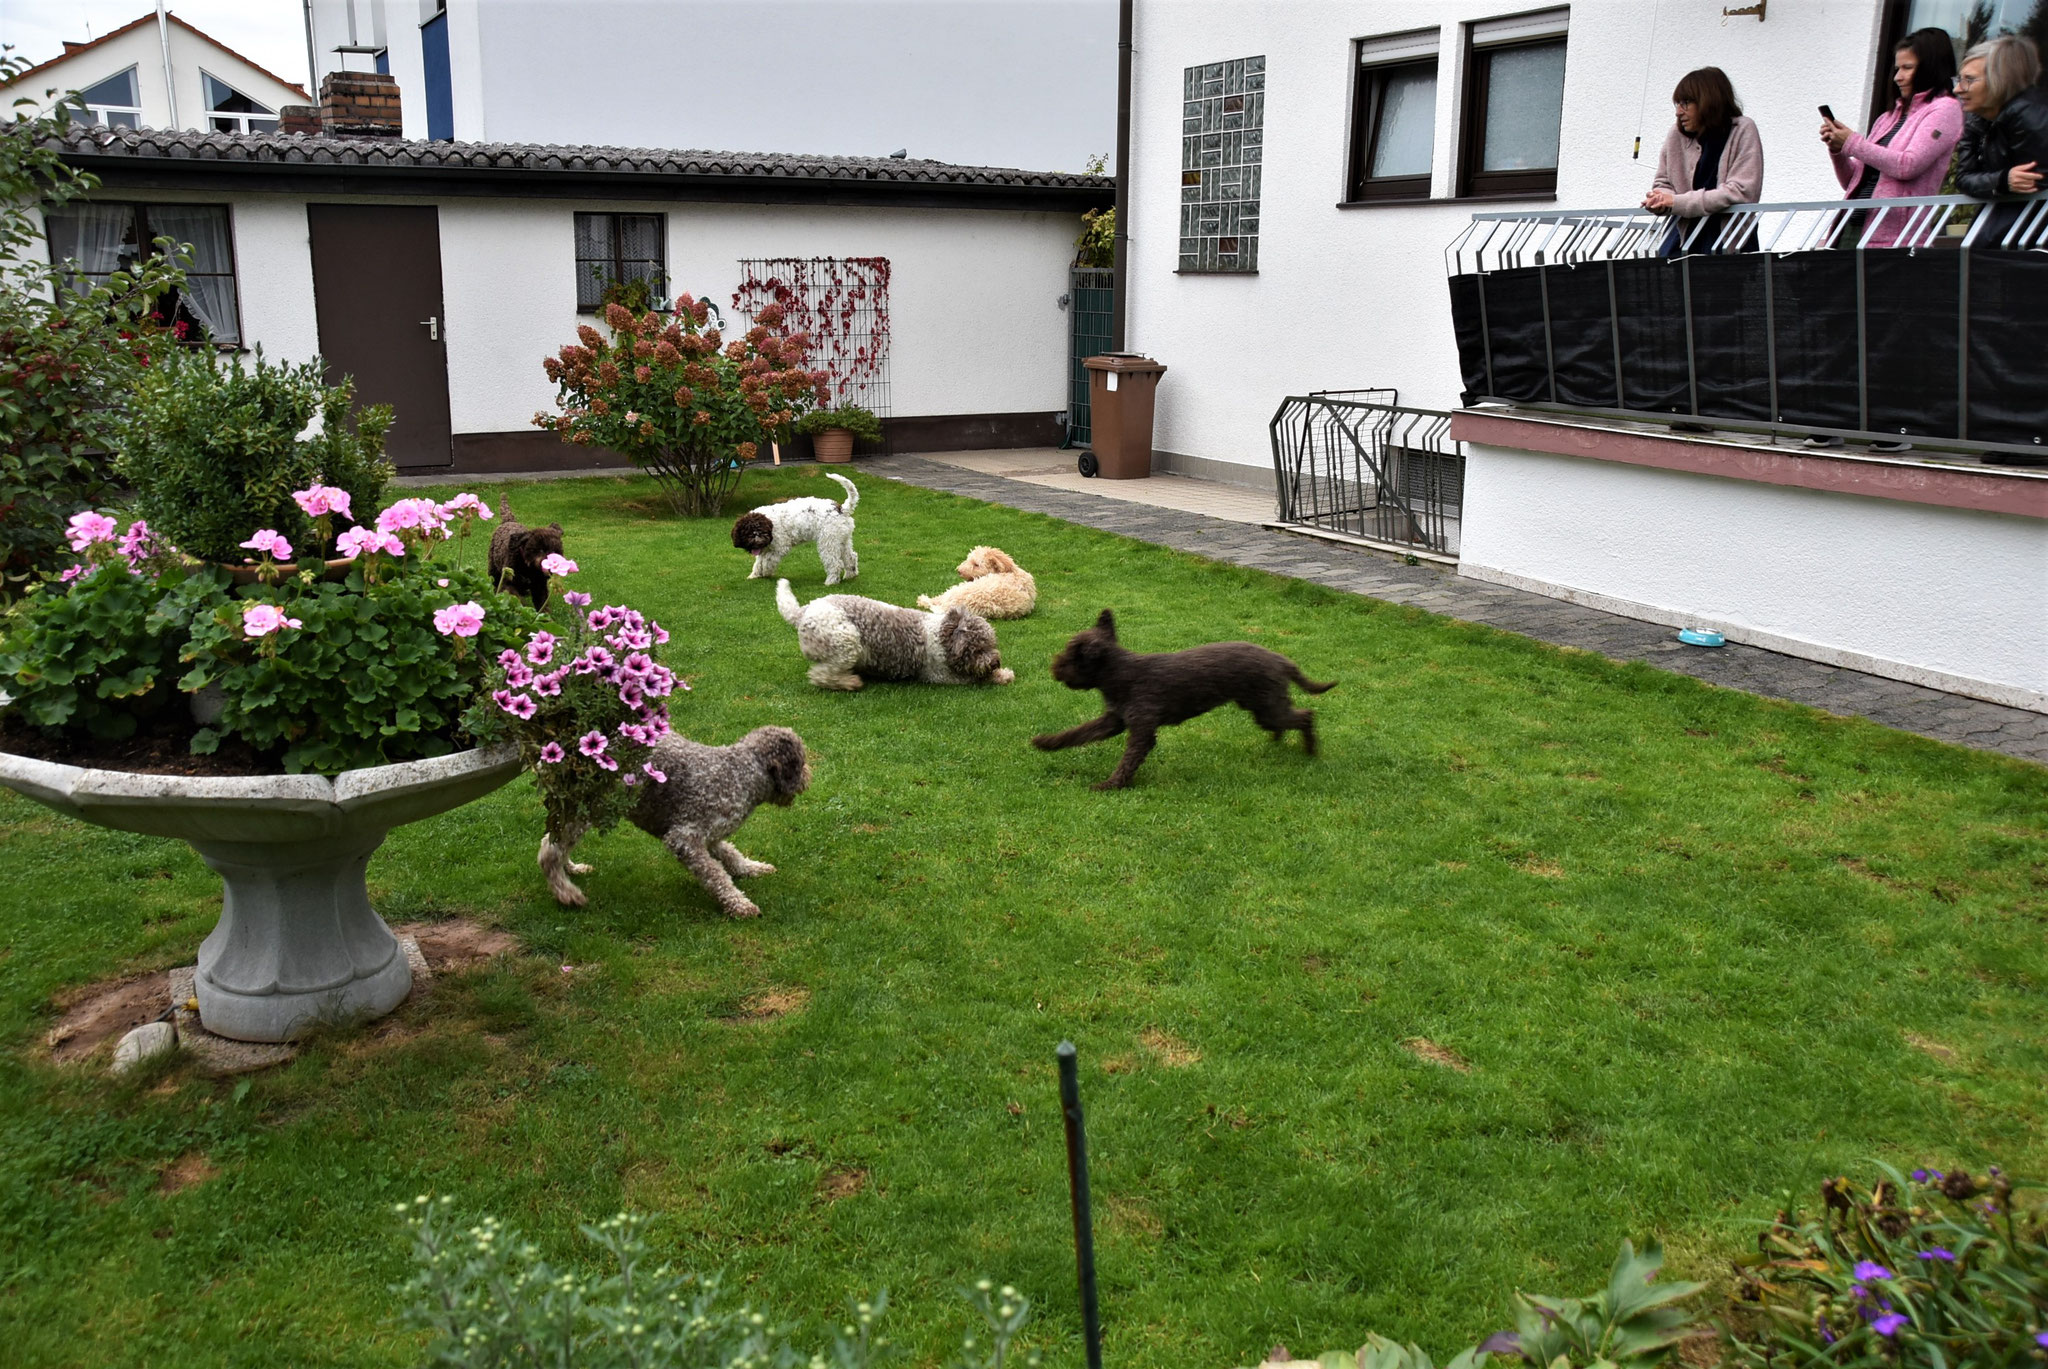 gemeinsames Spiel im Garten